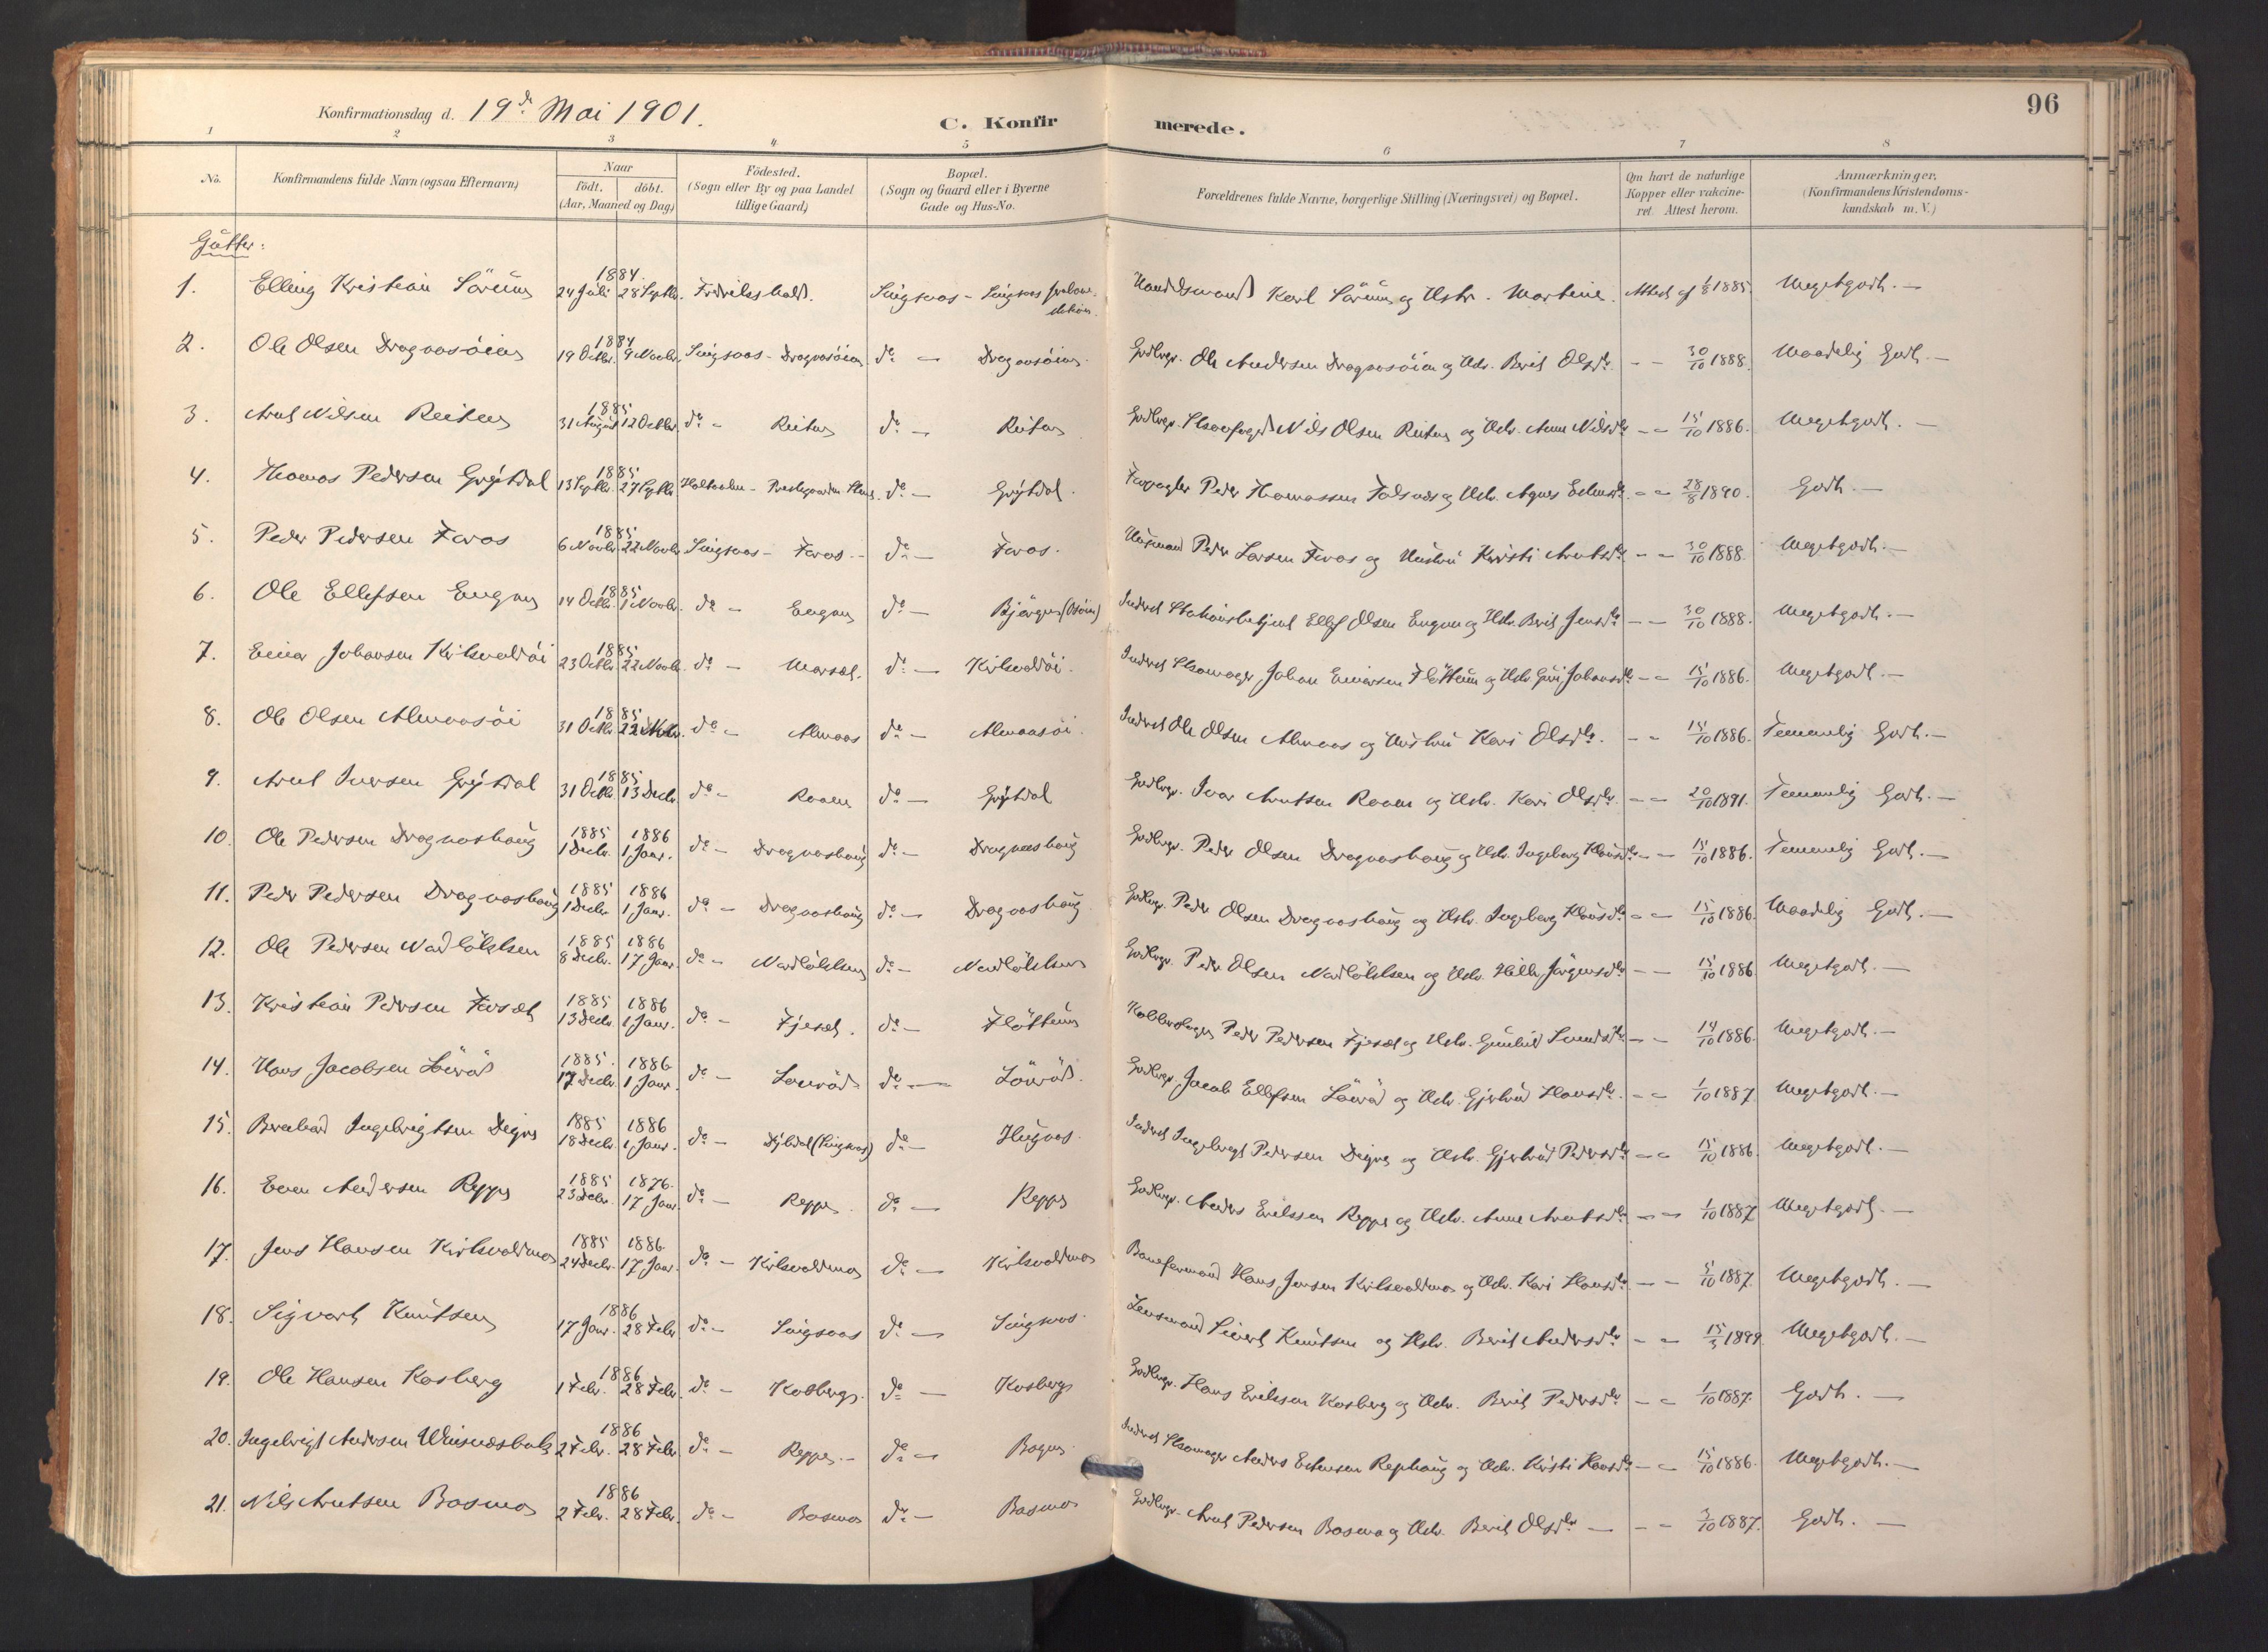 SAT, Ministerialprotokoller, klokkerbøker og fødselsregistre - Sør-Trøndelag, 688/L1025: Ministerialbok nr. 688A02, 1891-1909, s. 96